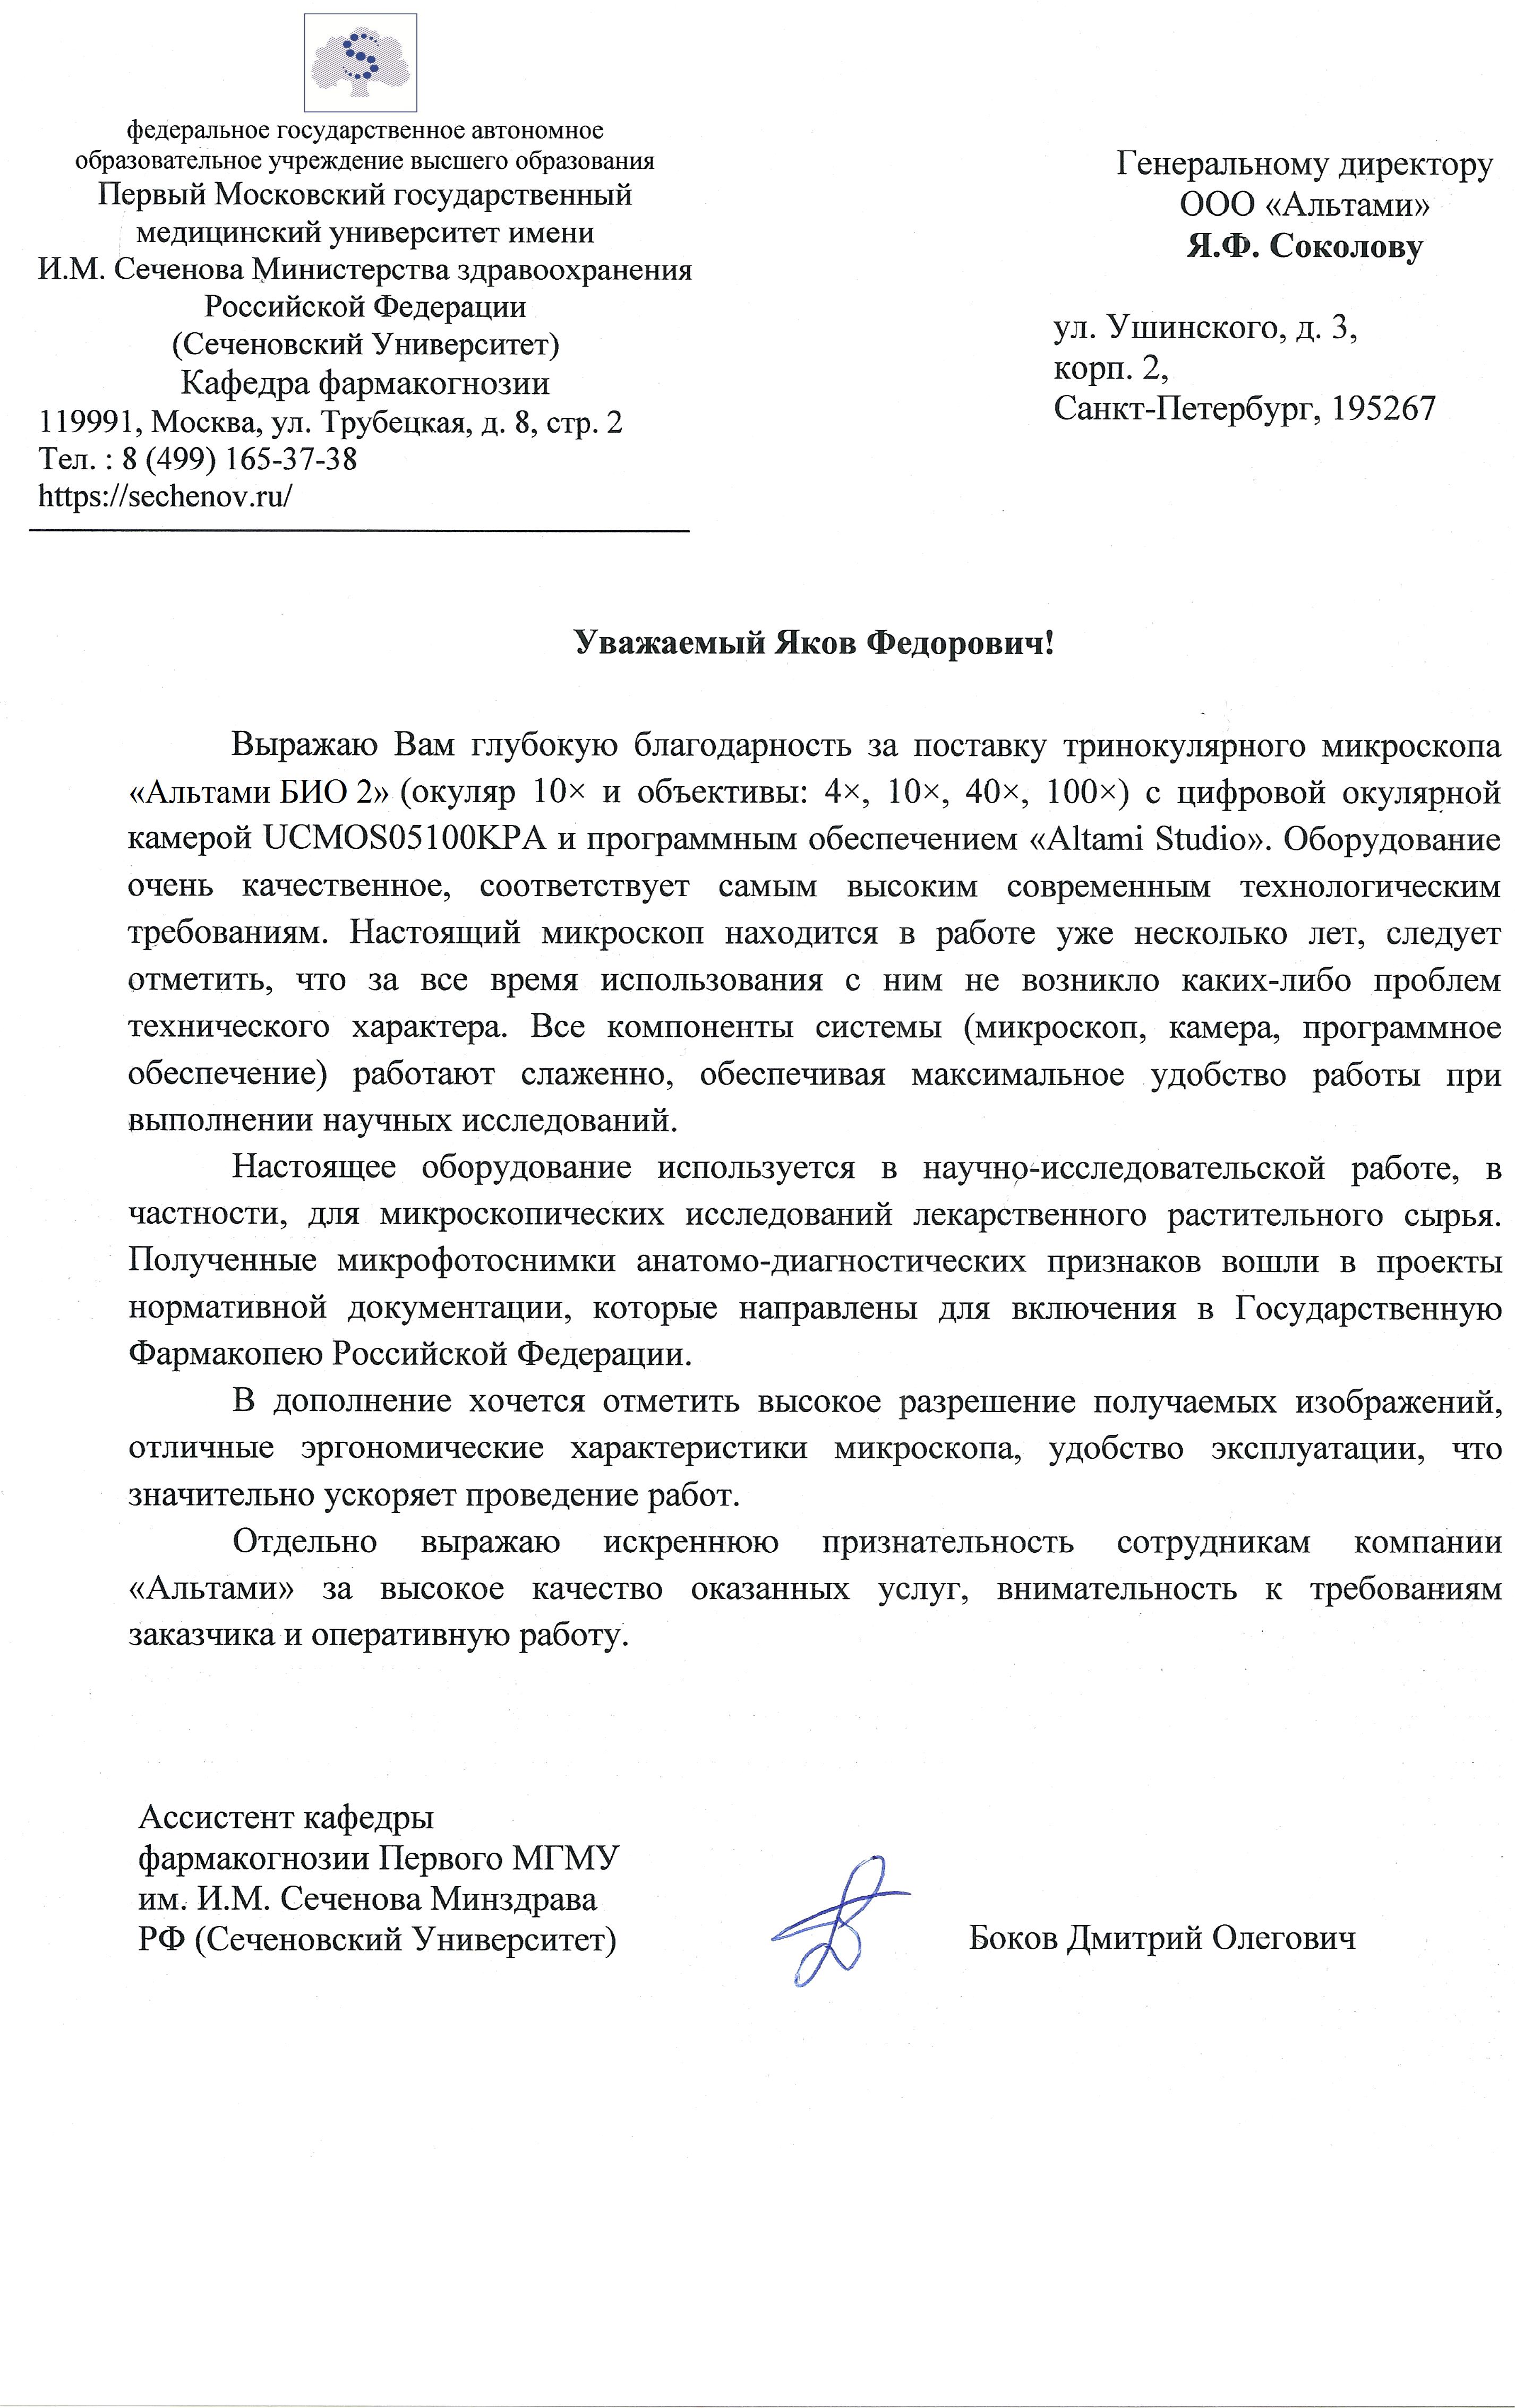 Отзыв от Первого МГМУ им. И.М. Сеченова